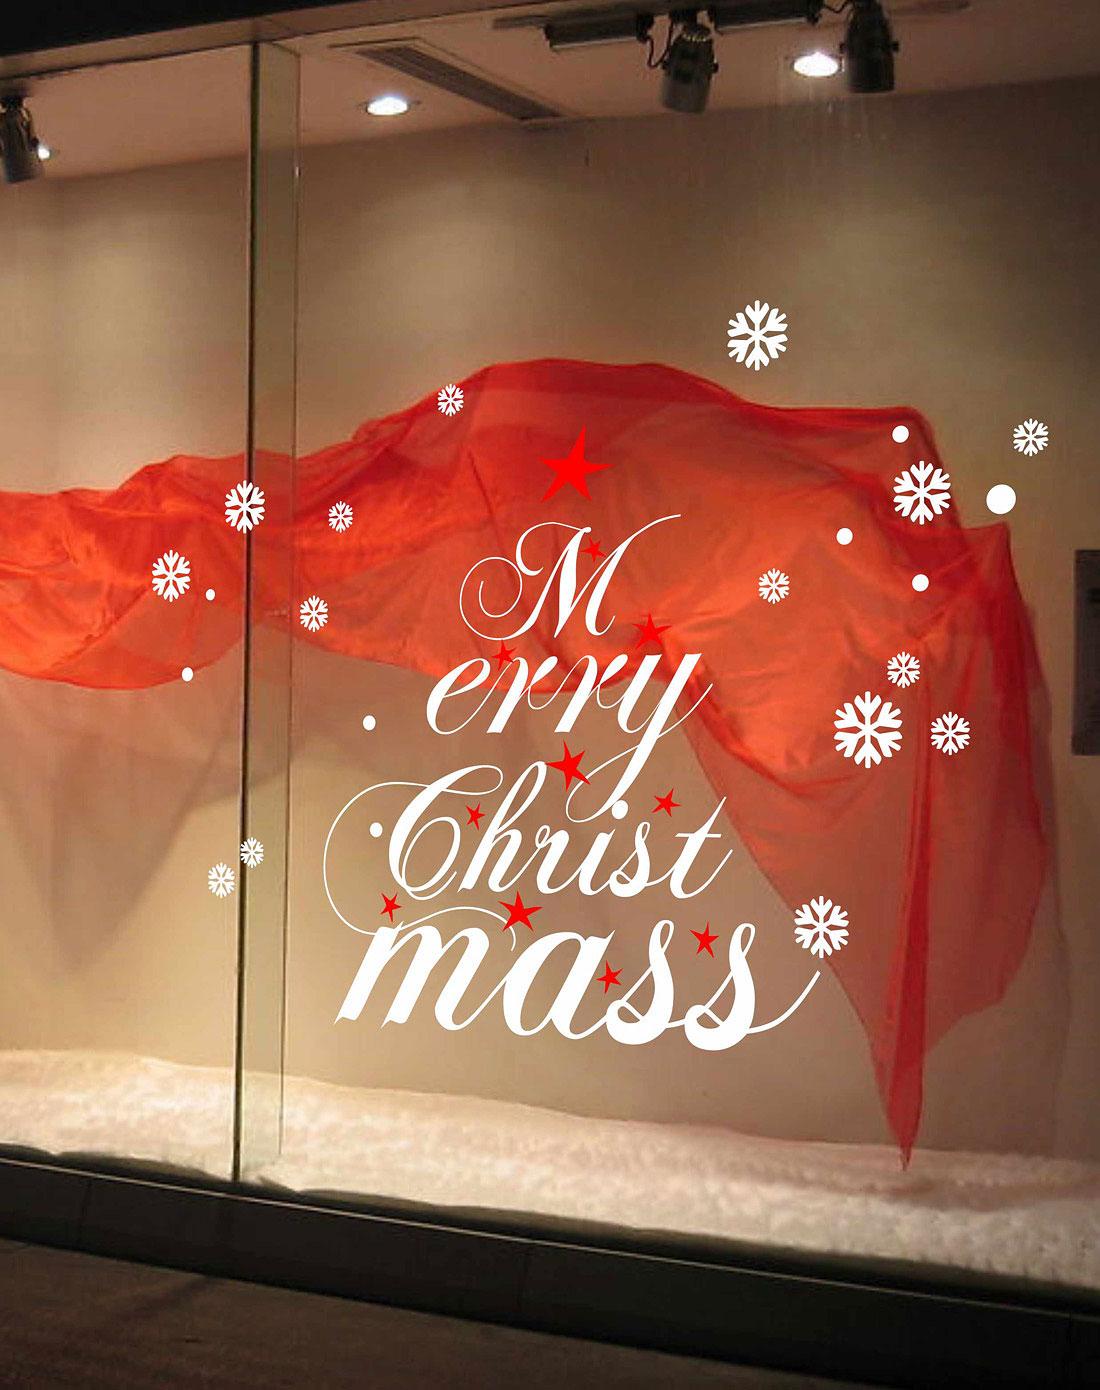 圣诞装饰橱窗玻璃贴白色图片